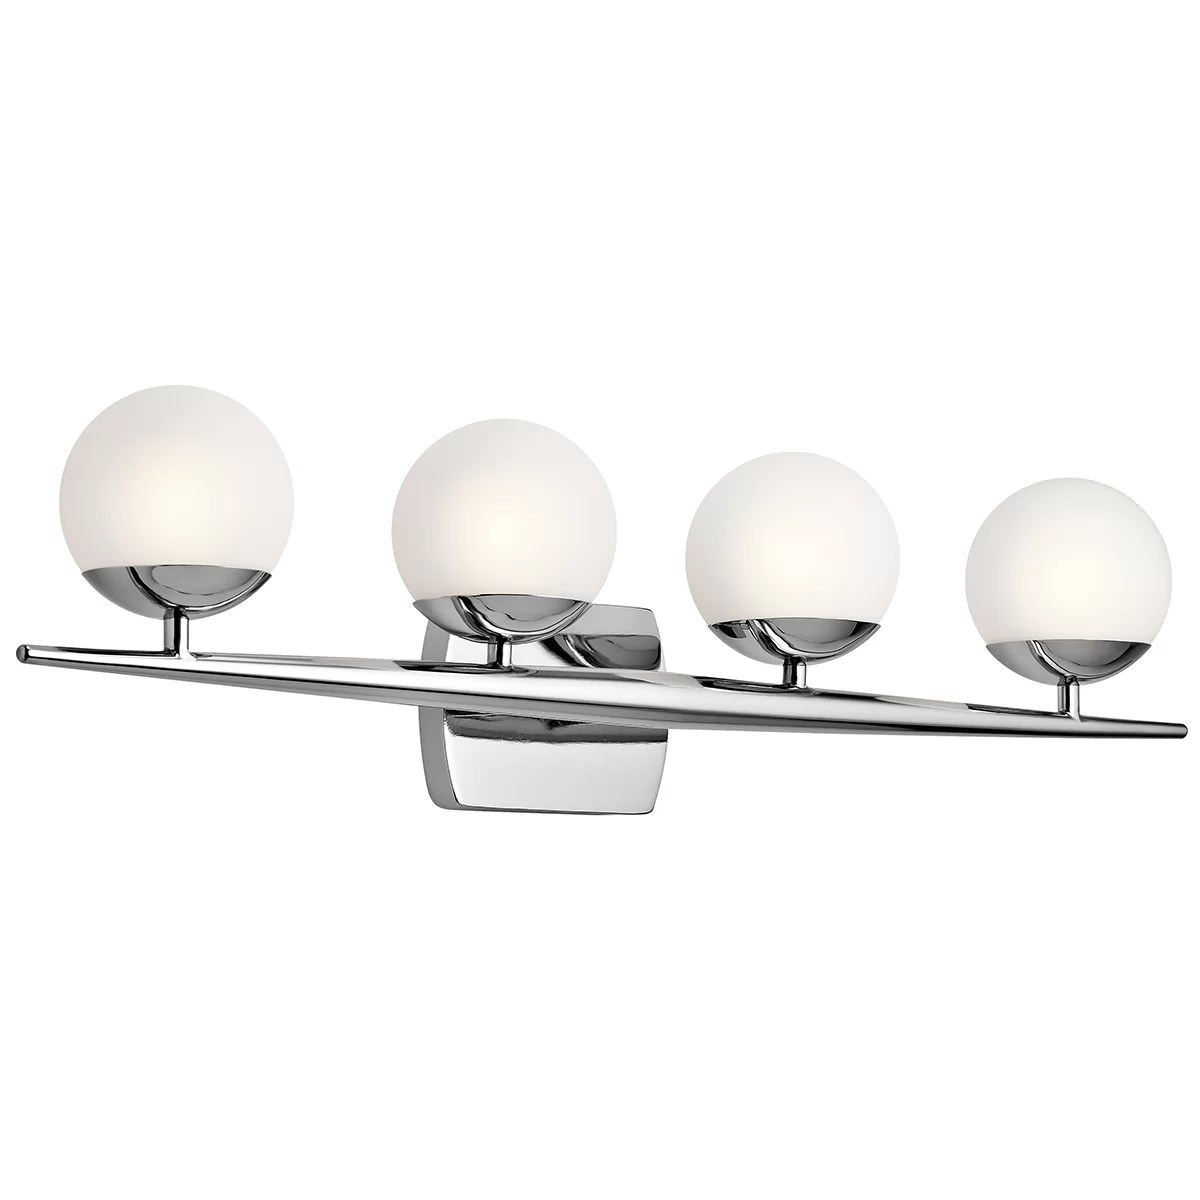 Tasha 4 Light Vanity Light Reviews Allmodern